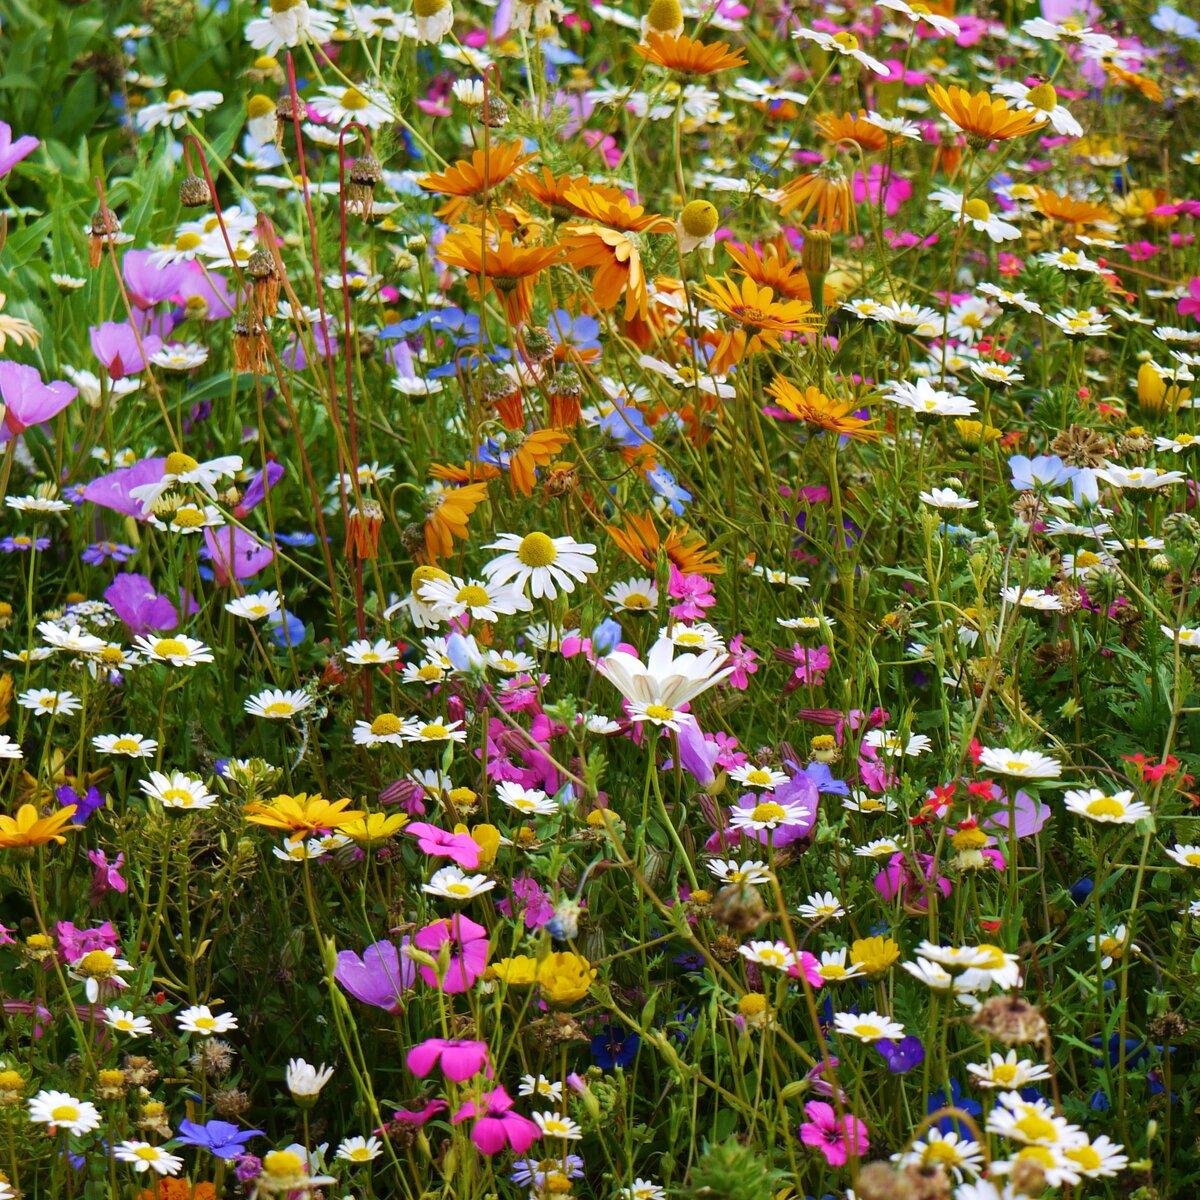 цветочный газон в картинках первичных